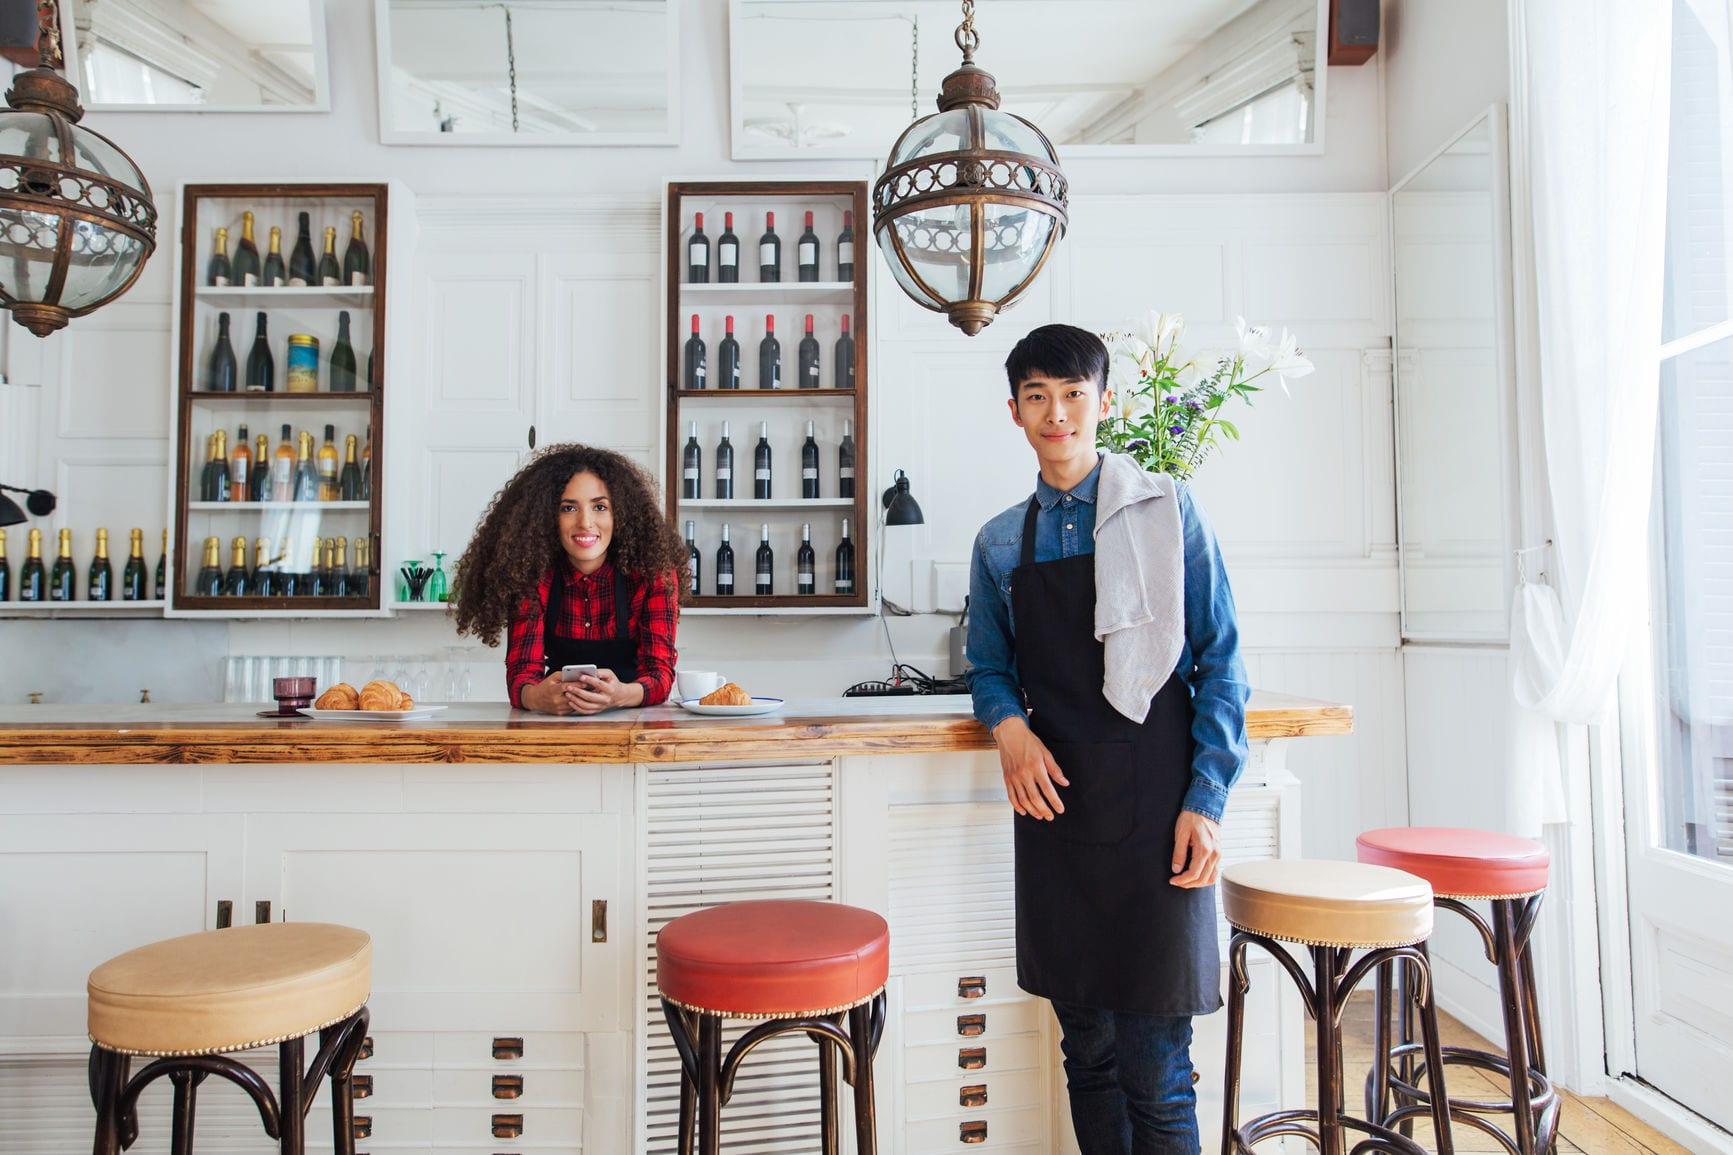 restaurant staffing plan